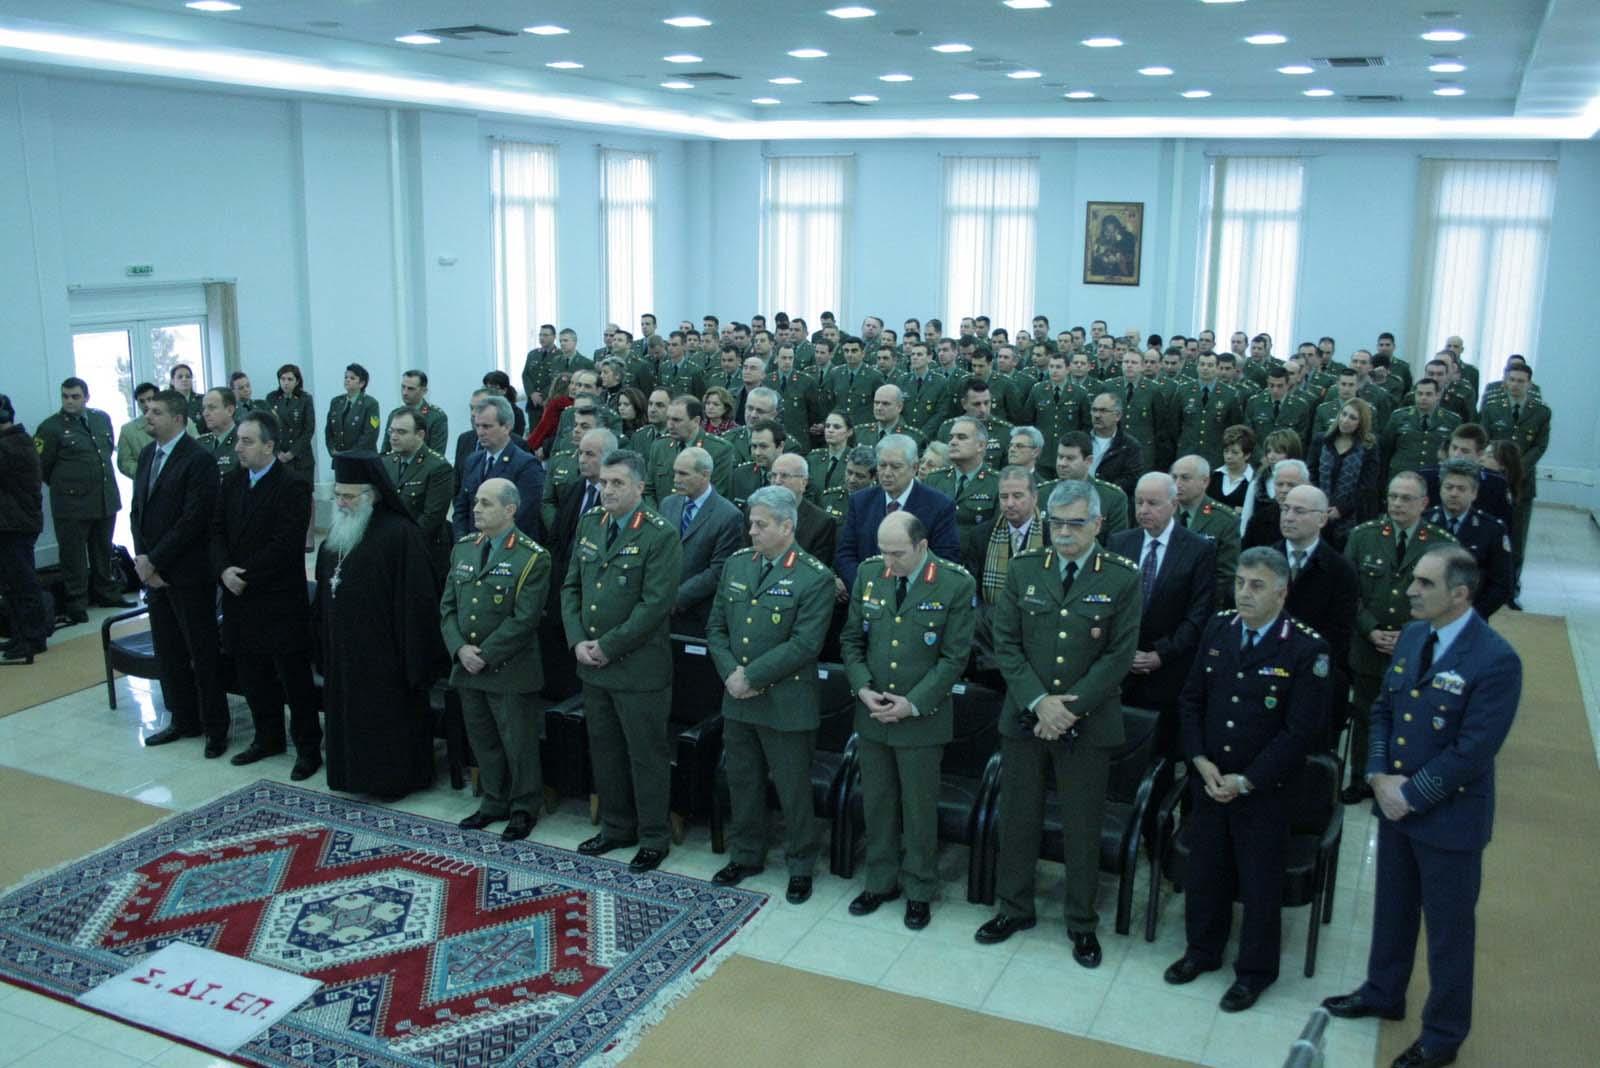 ΣΔΙΕΠ Σχολή Διοίκησης Επιτελών Τελετή Αποφοίτησης 17ης ΕΣ